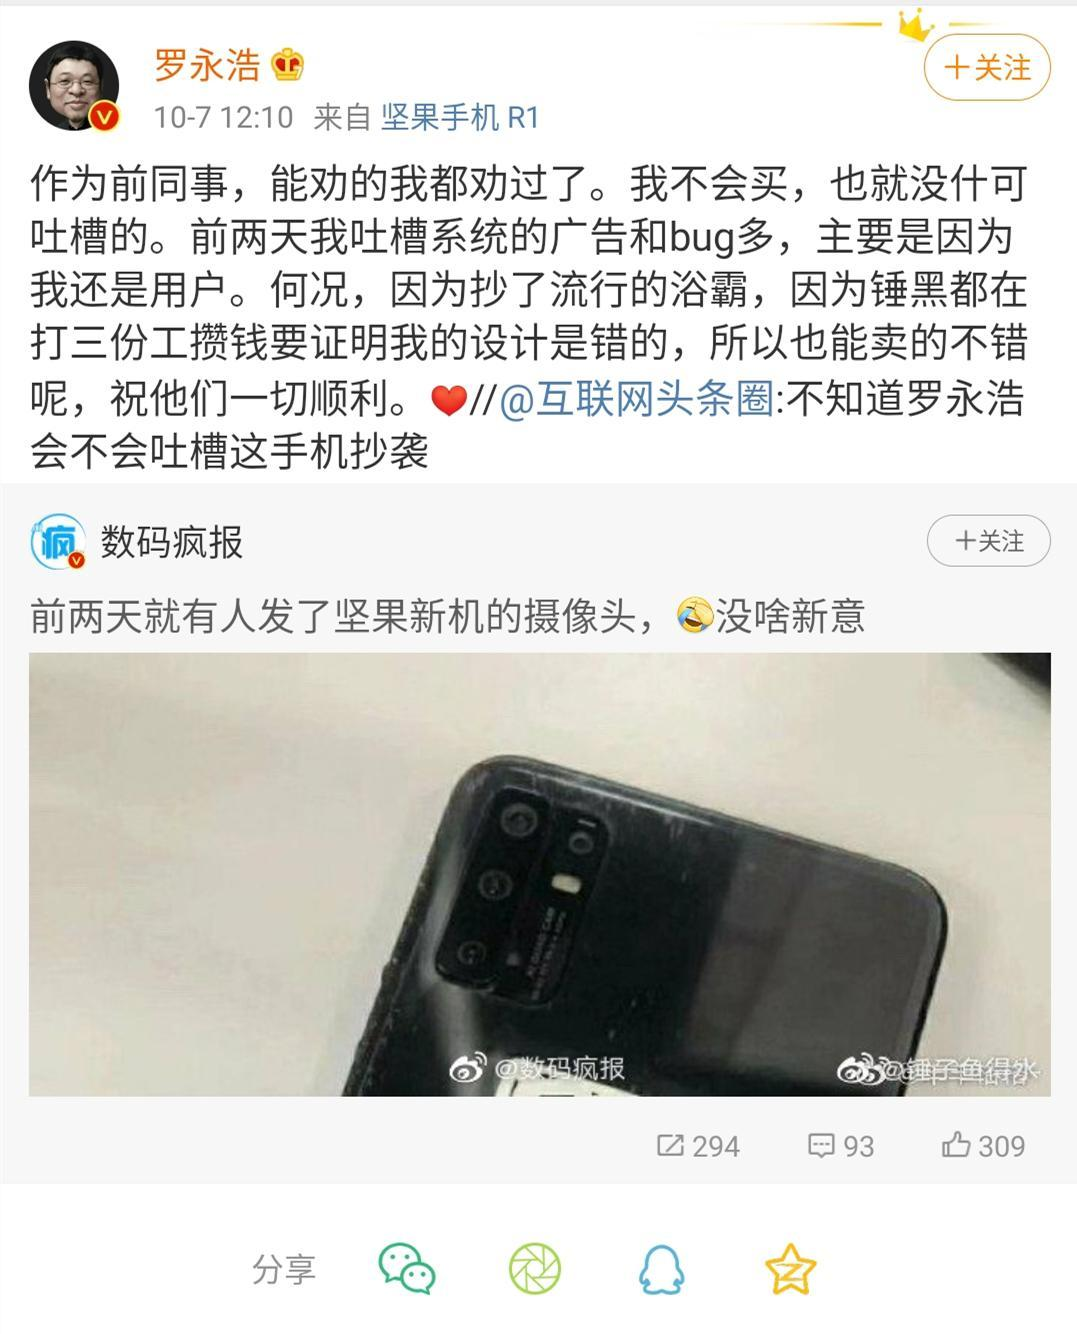 沉默十个月的前锤子科技副总裁发声 吴德周:感谢粉丝